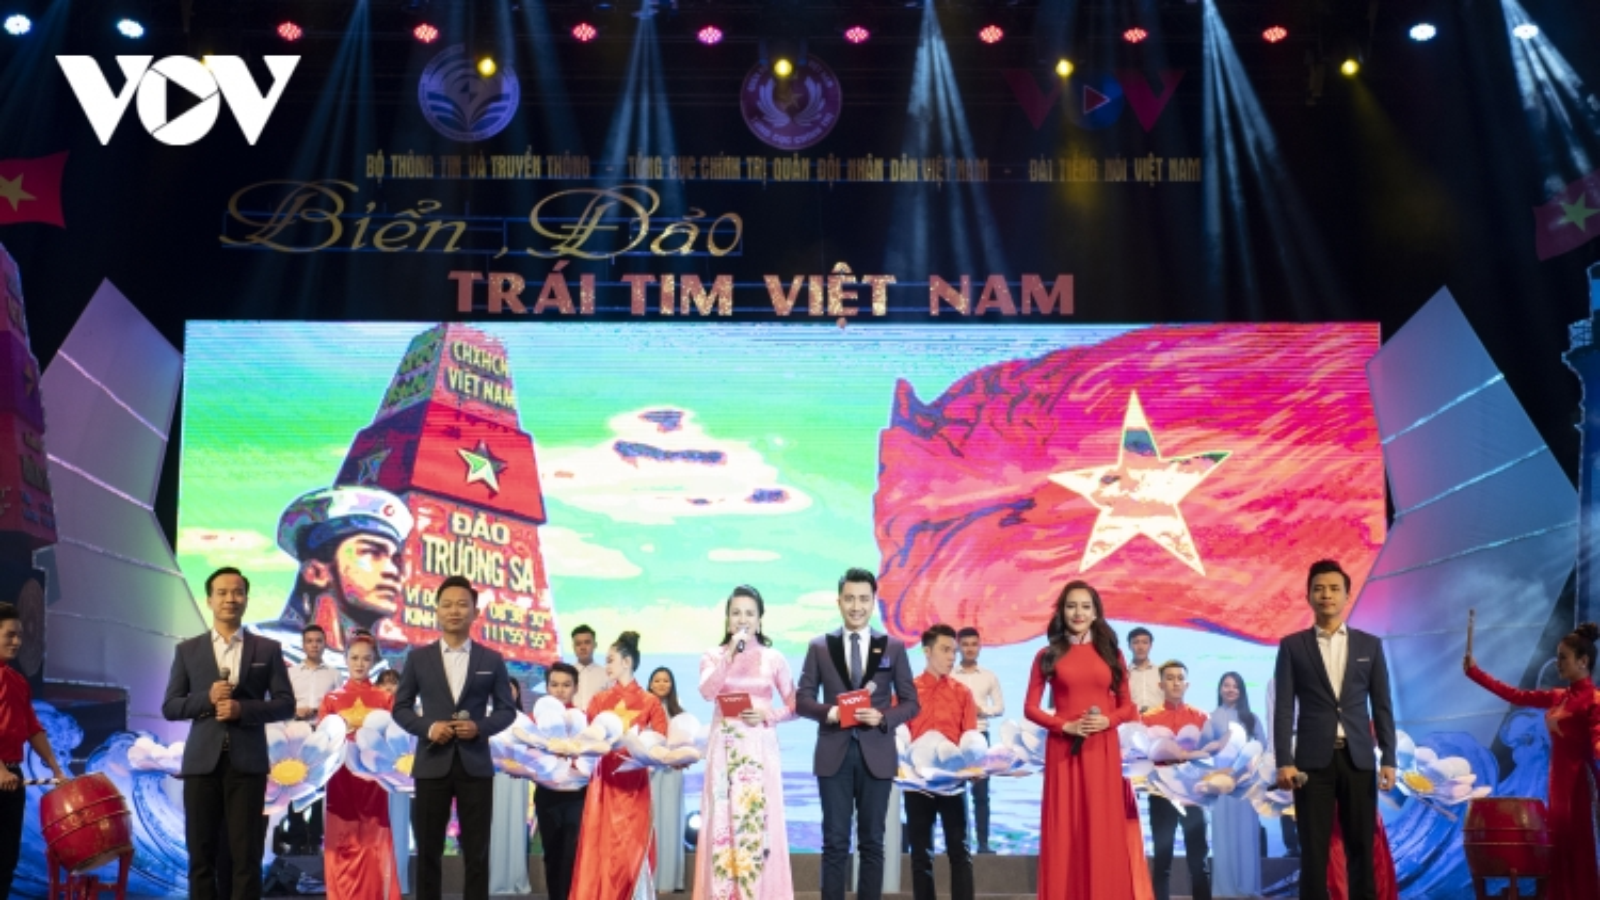 """Toàn cảnh chương trình nghệ thuật """"Biển, đảo - Trái tim Việt Nam"""""""